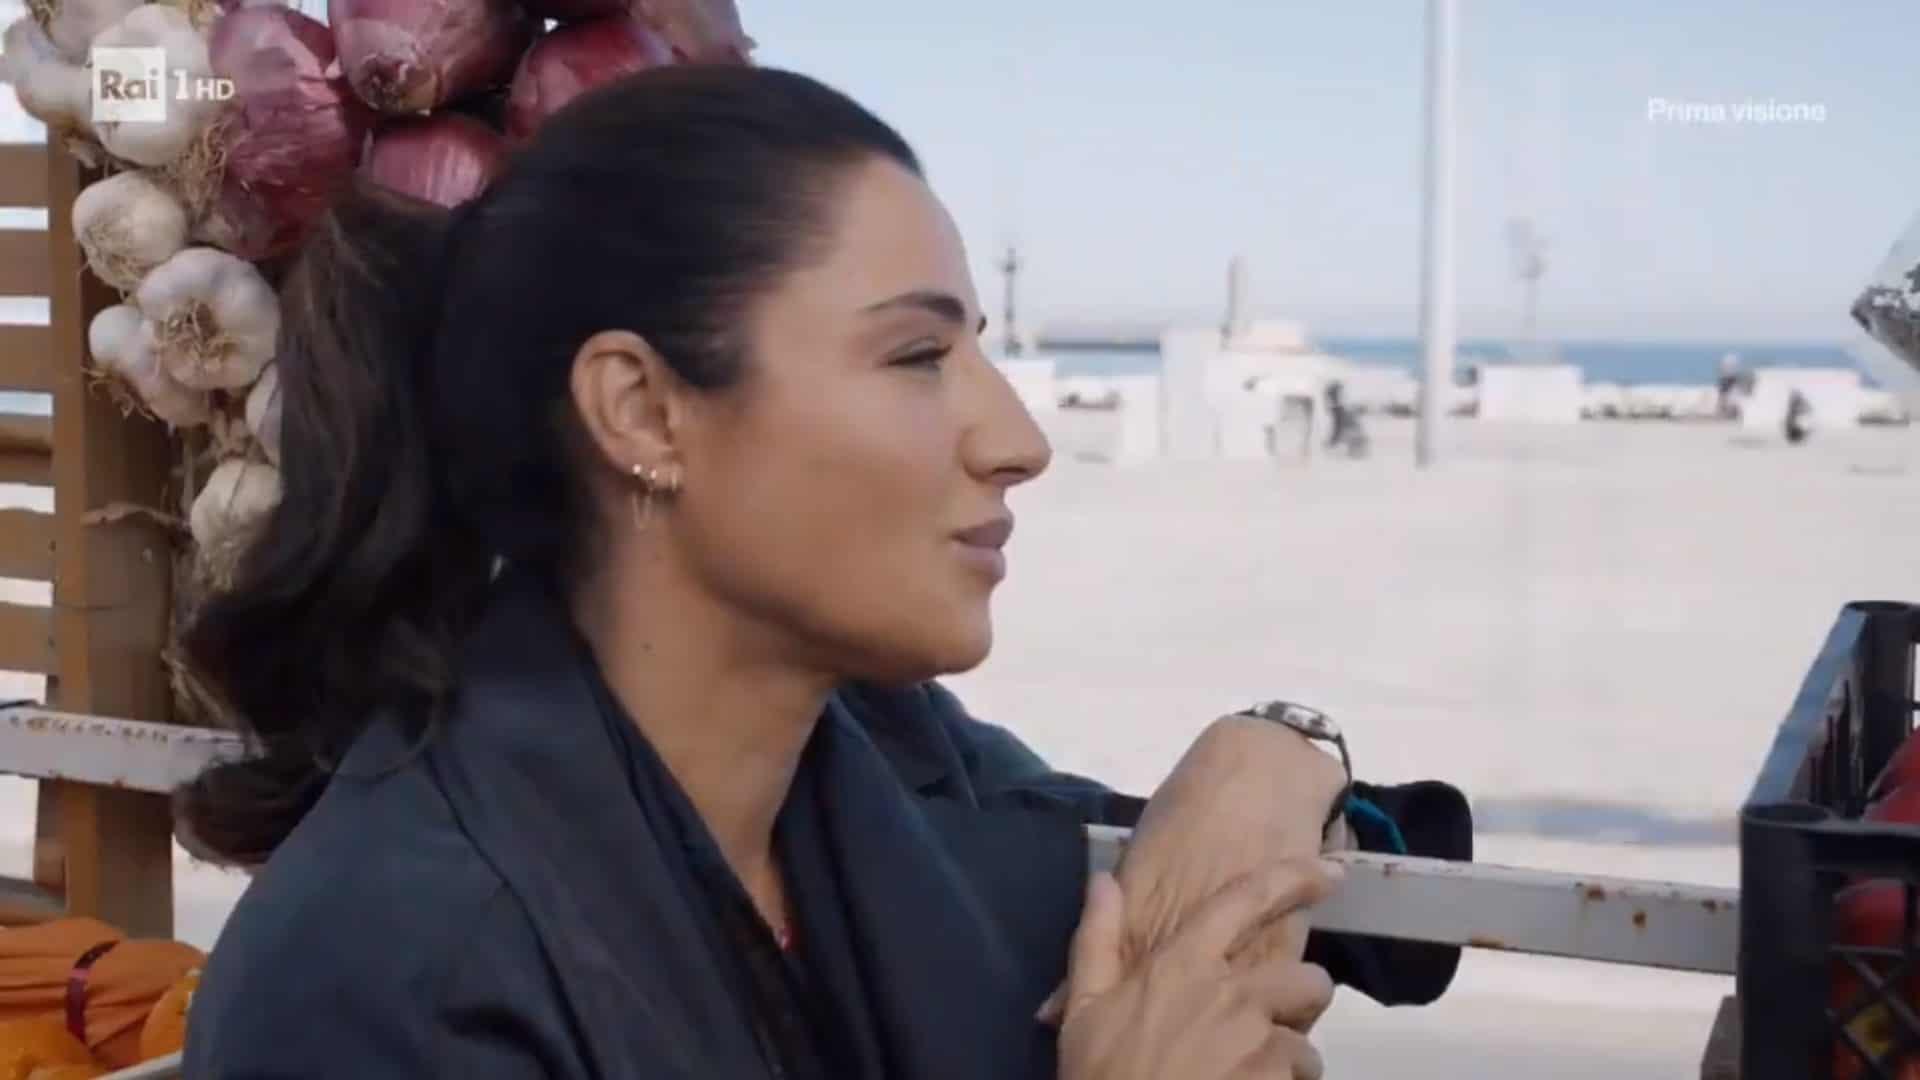 Le indagini di Lolita Lobosco arriva su RAI 1 da domenica: trama e anticipazioni